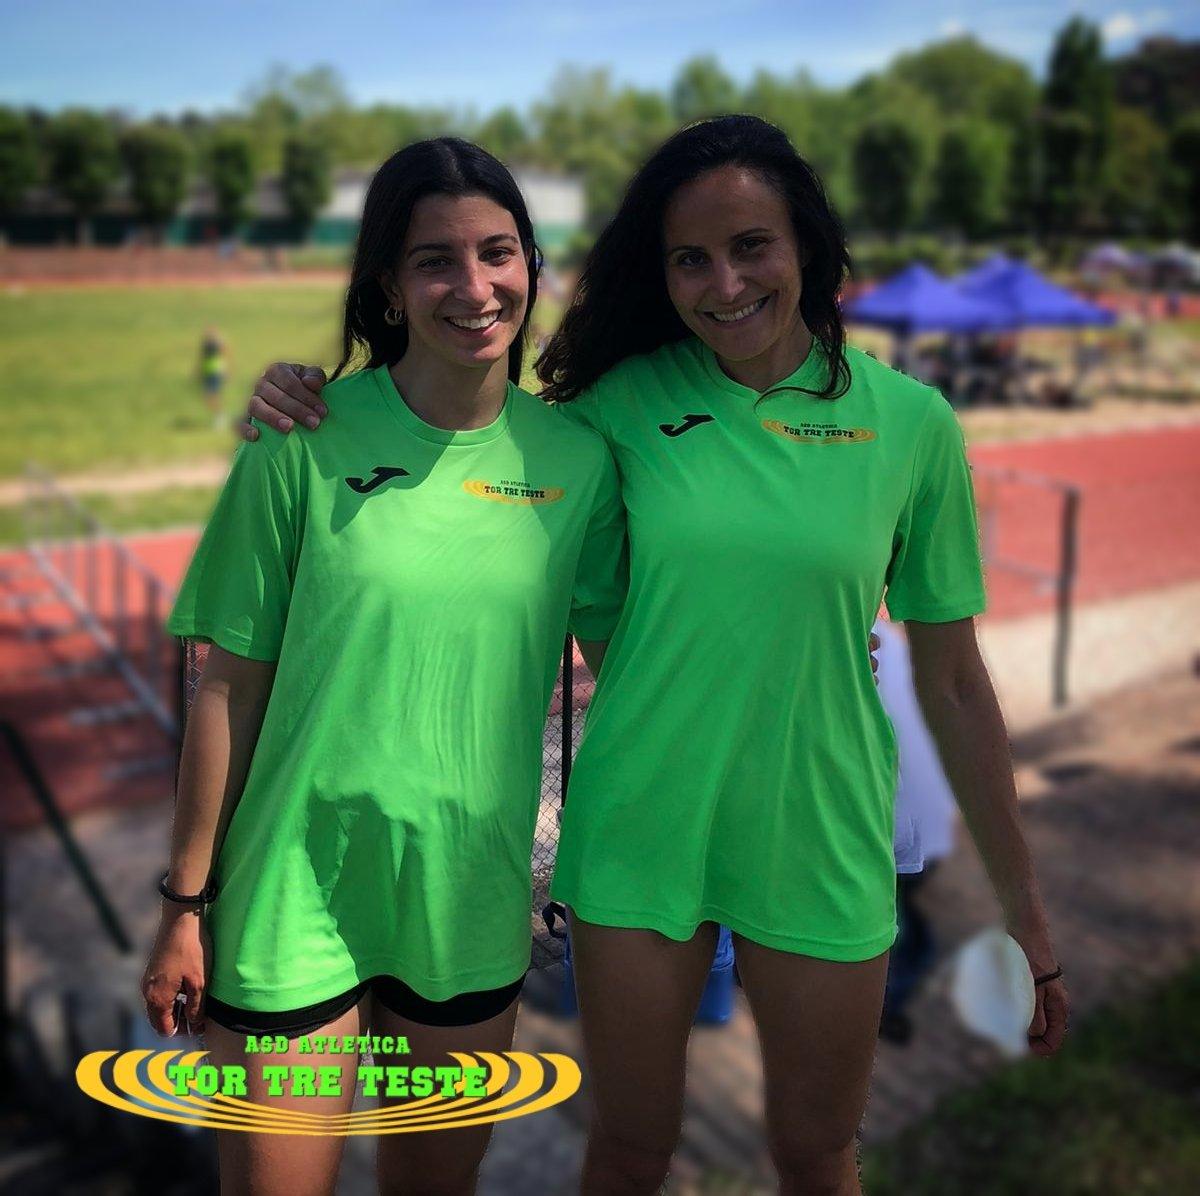 Le nostre istruttrici Claire Marchionne e Nicoletta Manzi facciamogli sentire quanto gli vogliamo bene con un #like.   #beauty #beautiful #verdefluo #atleticatortreteste #atletica #tecnicofidal #preparate #professionalità https://t.co/Xk6Cr9mAC0